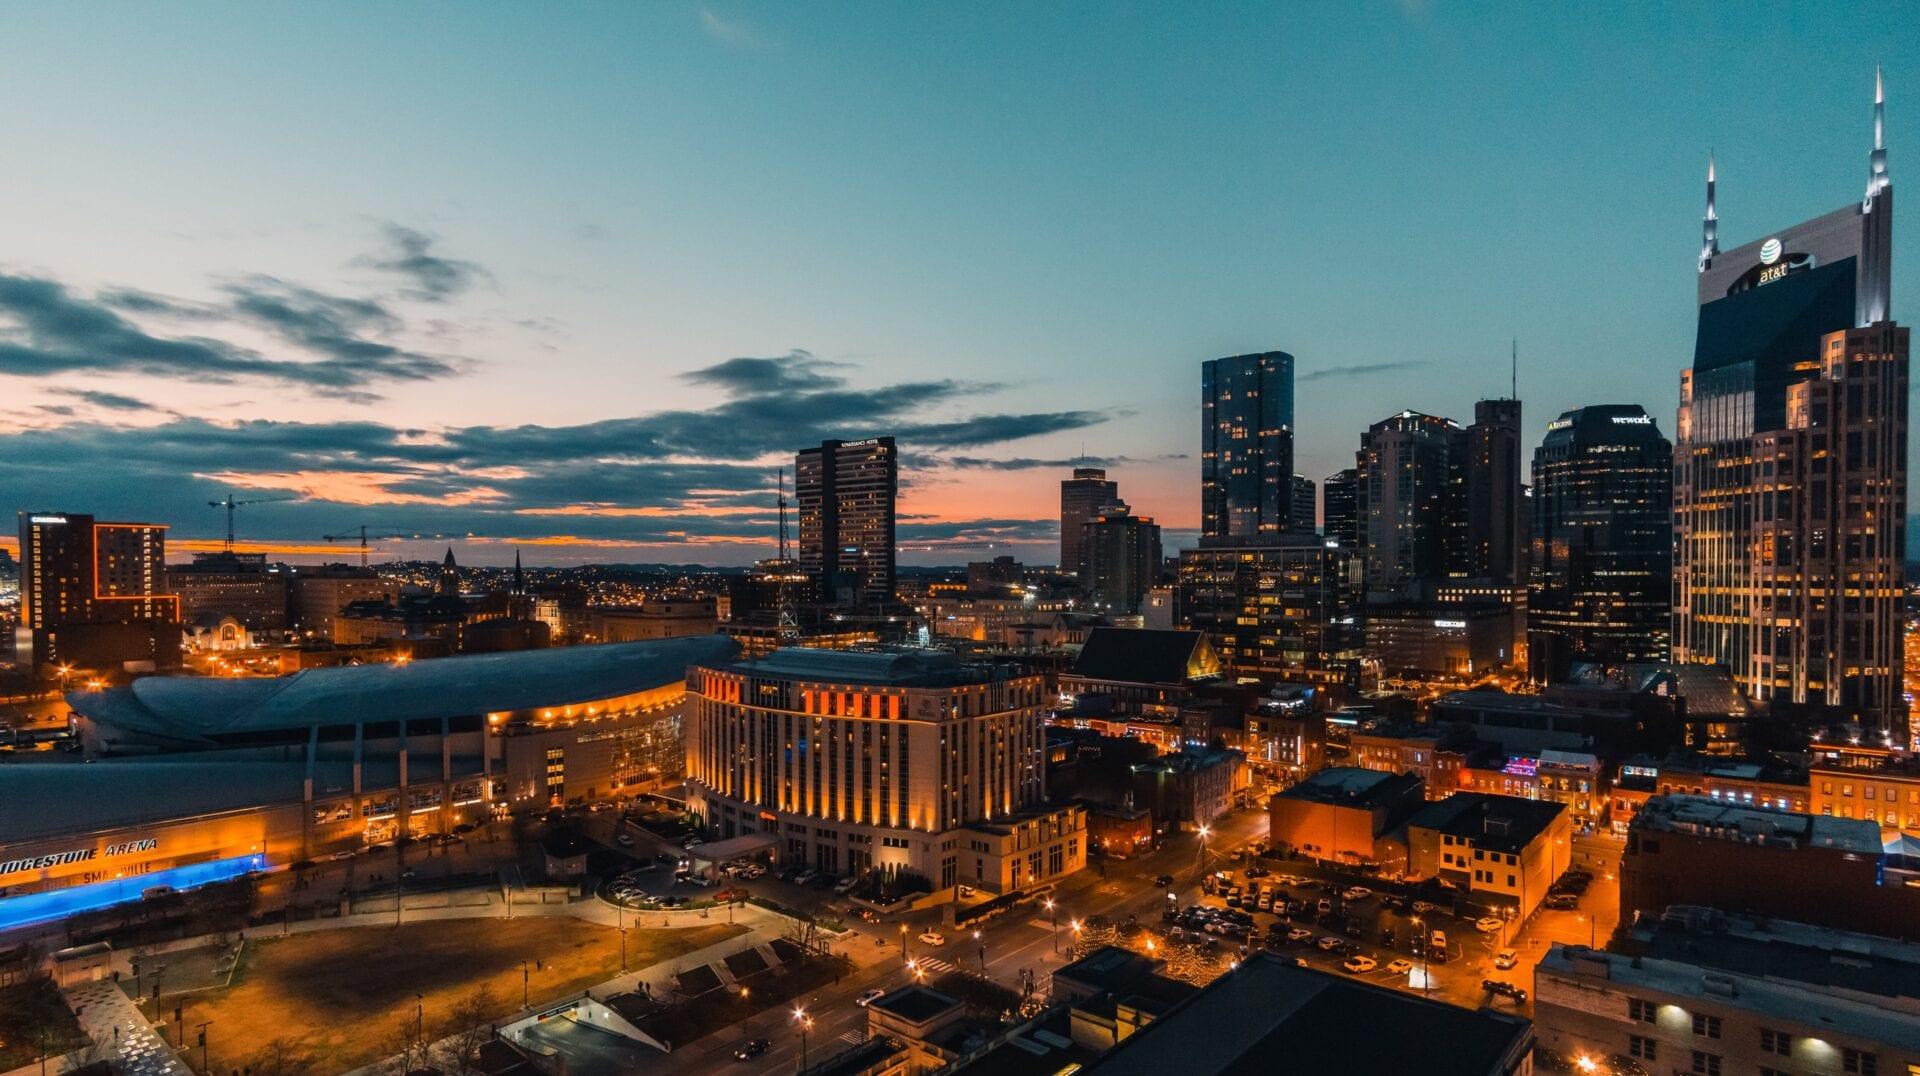 Victory Lights - Nashville Lighting Supply, LED Warehouse Lighting, Office Lighting, LED Sports Lighting, Church Lighting, & more - LED L | Nashville, TN